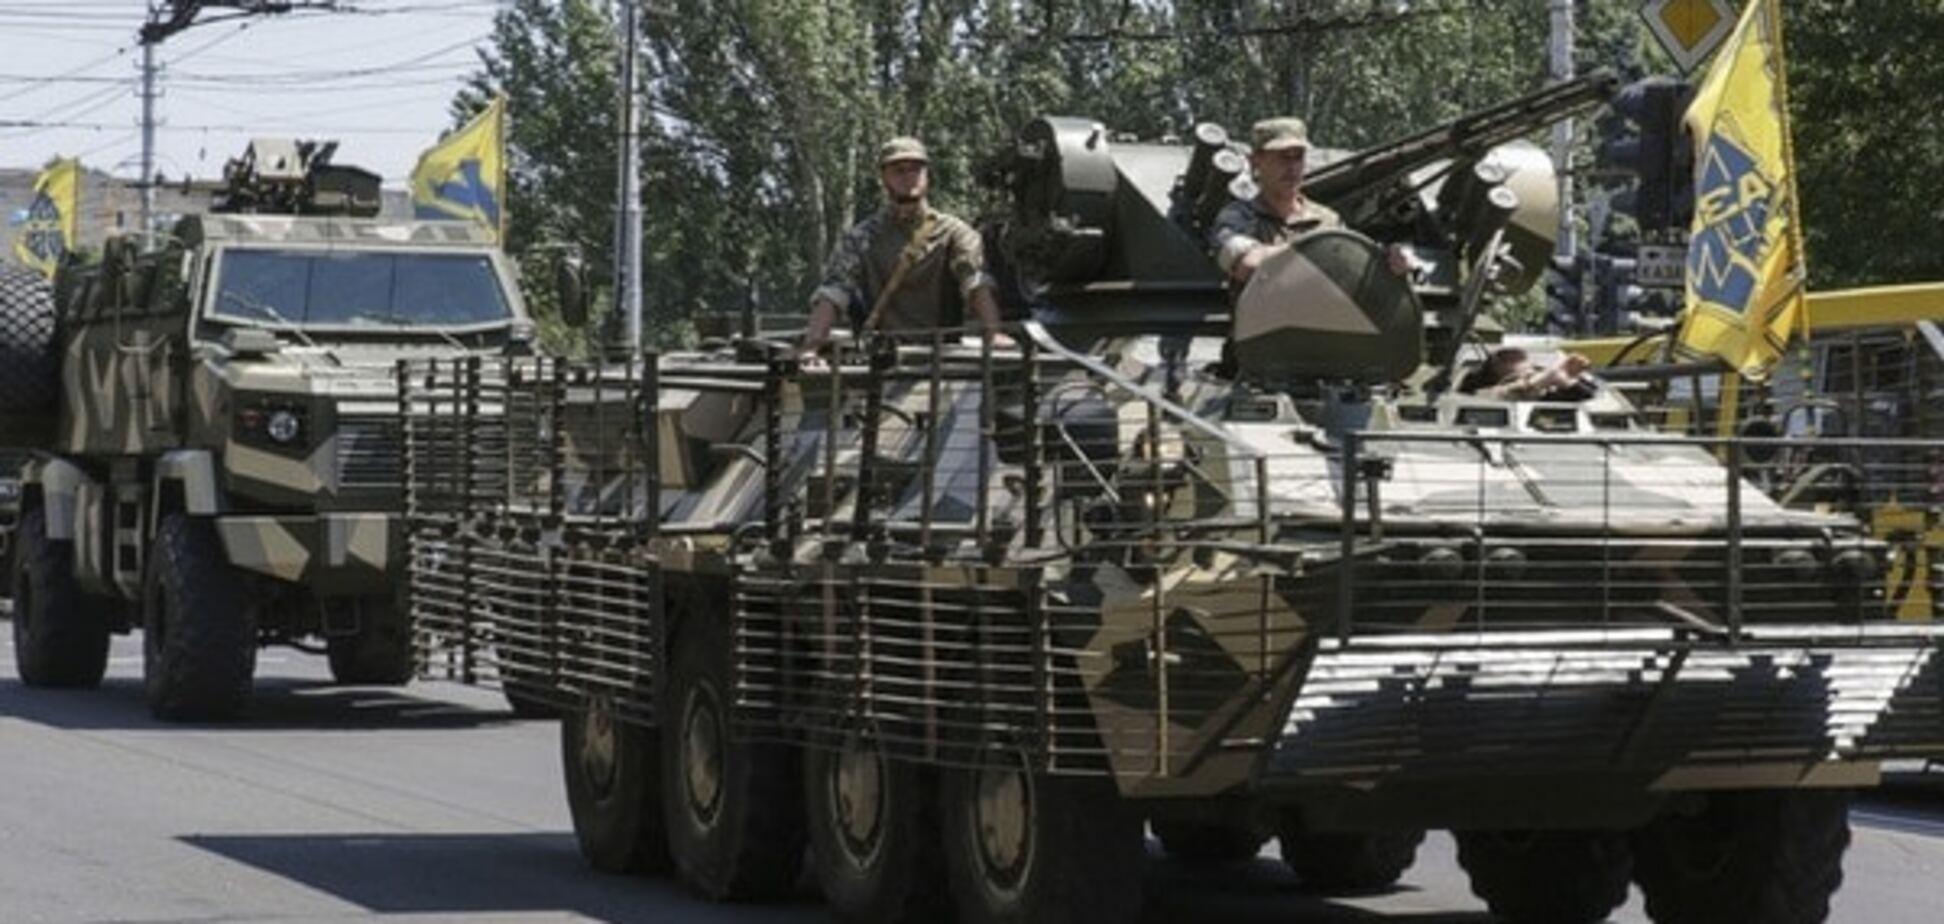 Спецназ на бойовій техніці почав патрулювати Одесу - СБУ